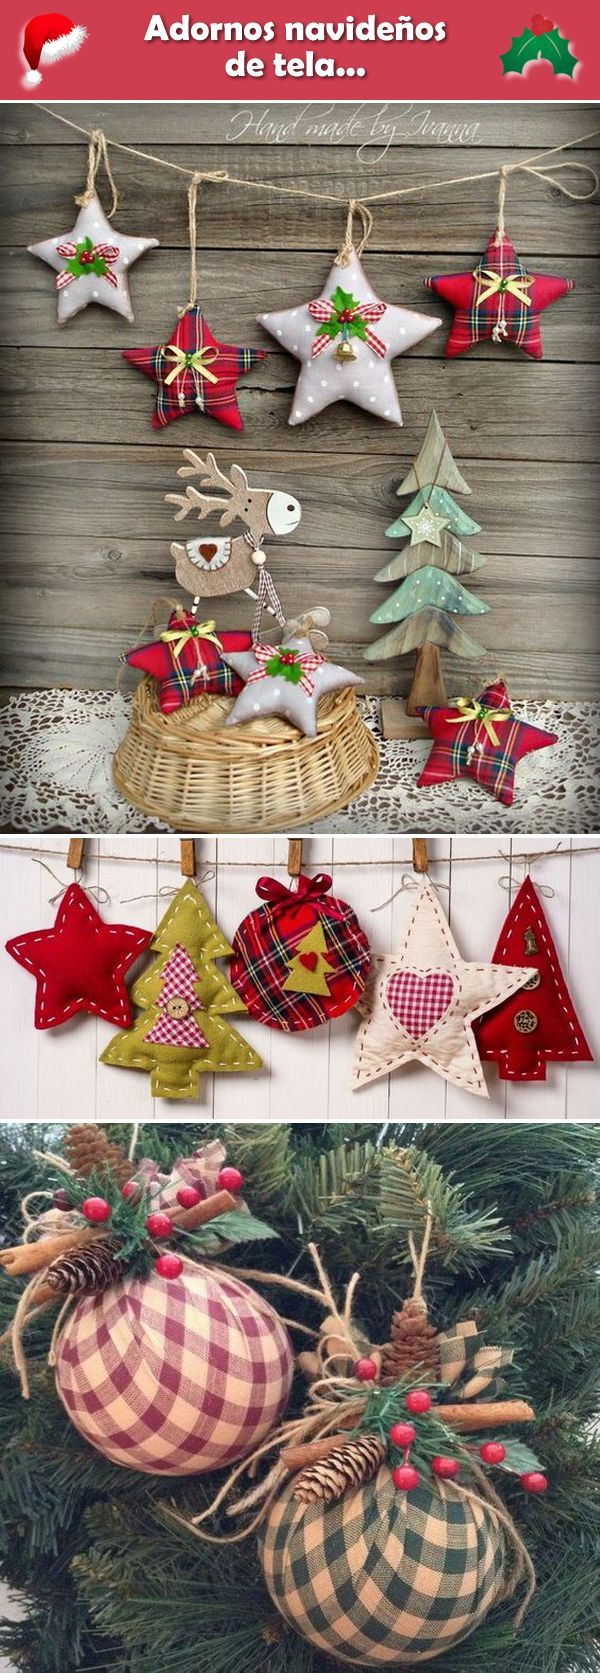 Adornos navideños de tela. Decoración navideña con tela. Adornos navideños DIY. #homedecor #decoration #decoración #interiores